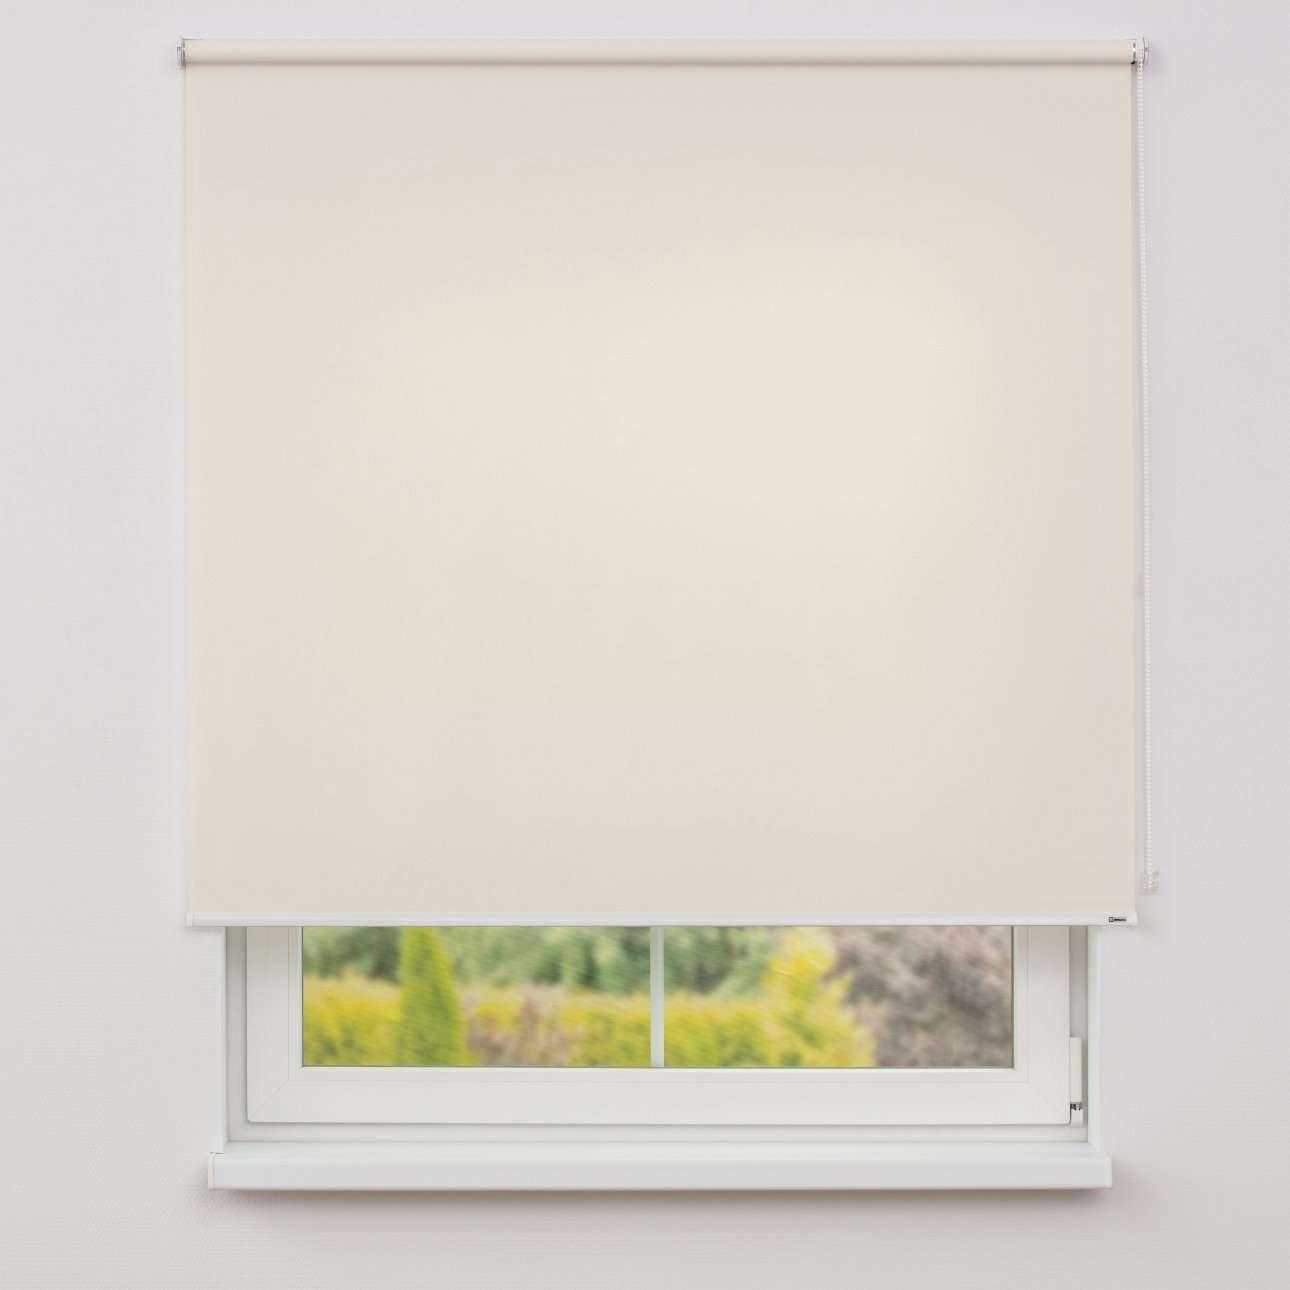 Rullegardiner transparent fra kolleksjonen Rullegardinstoff, Stoffets bredde: 4905